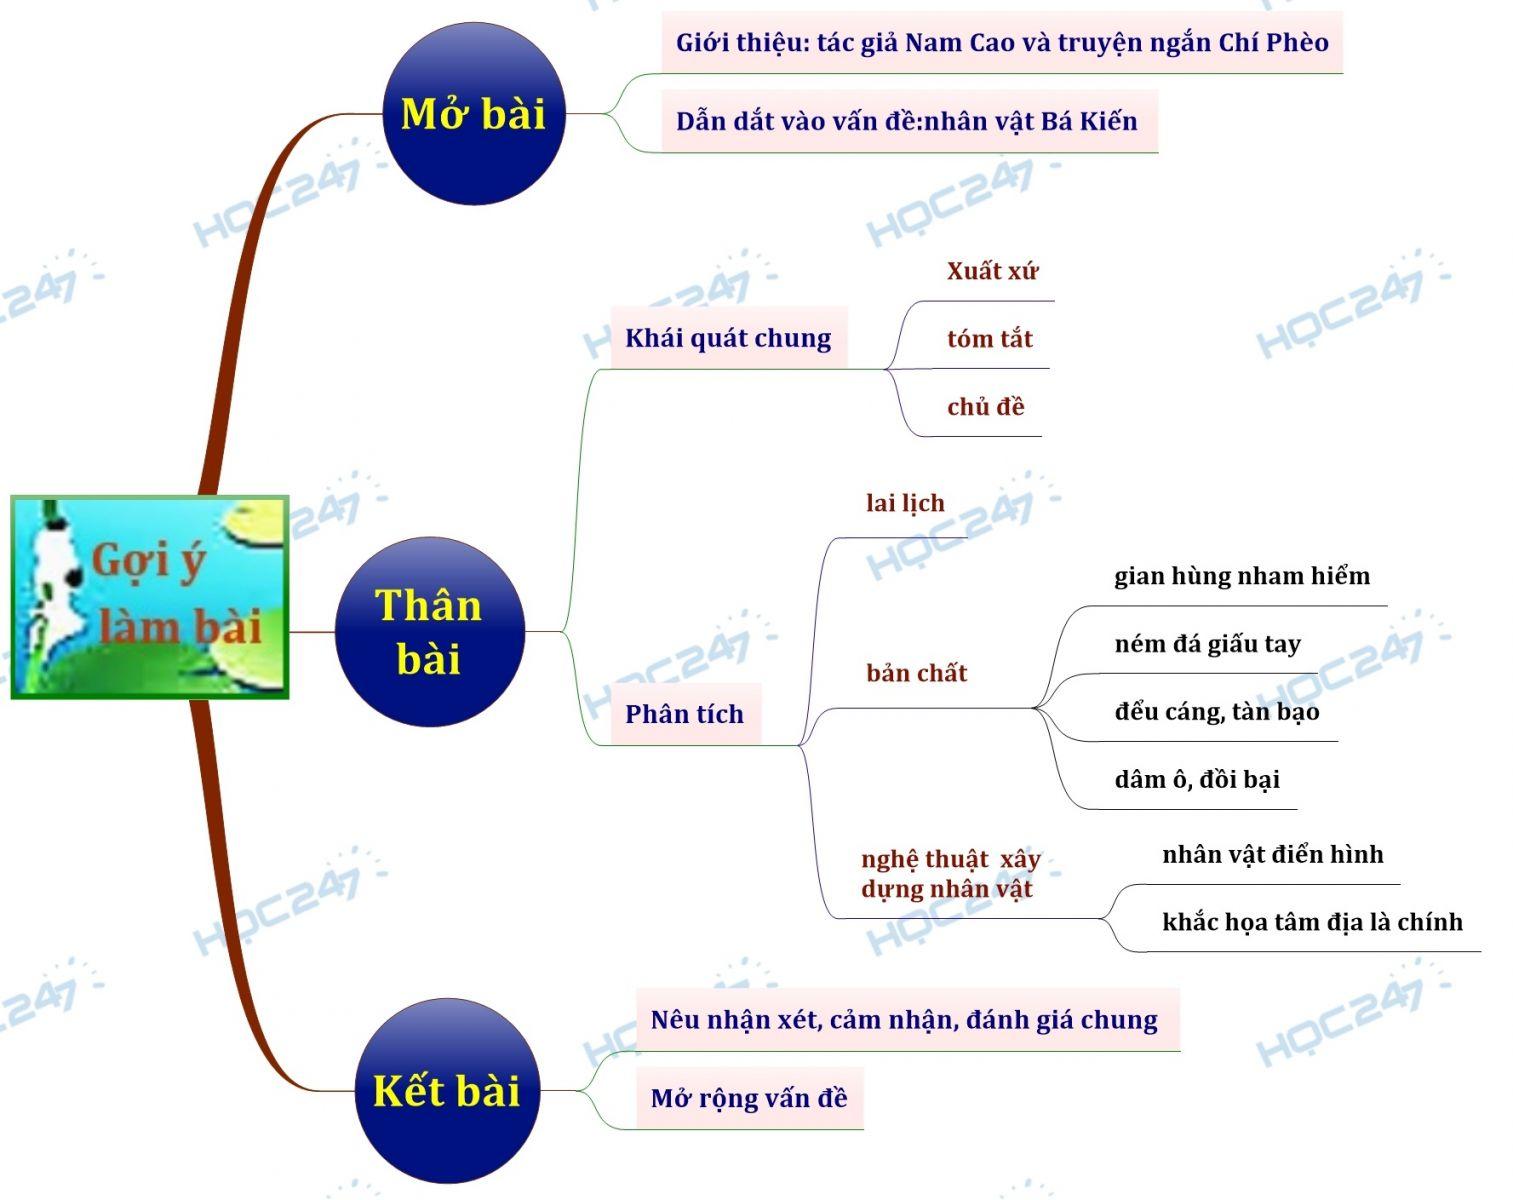 Sơ đồ tư duy Phân tích nhân vật Bá Kiến trong truyện ngắn Chí Phèo của nhà văn Nam Cao